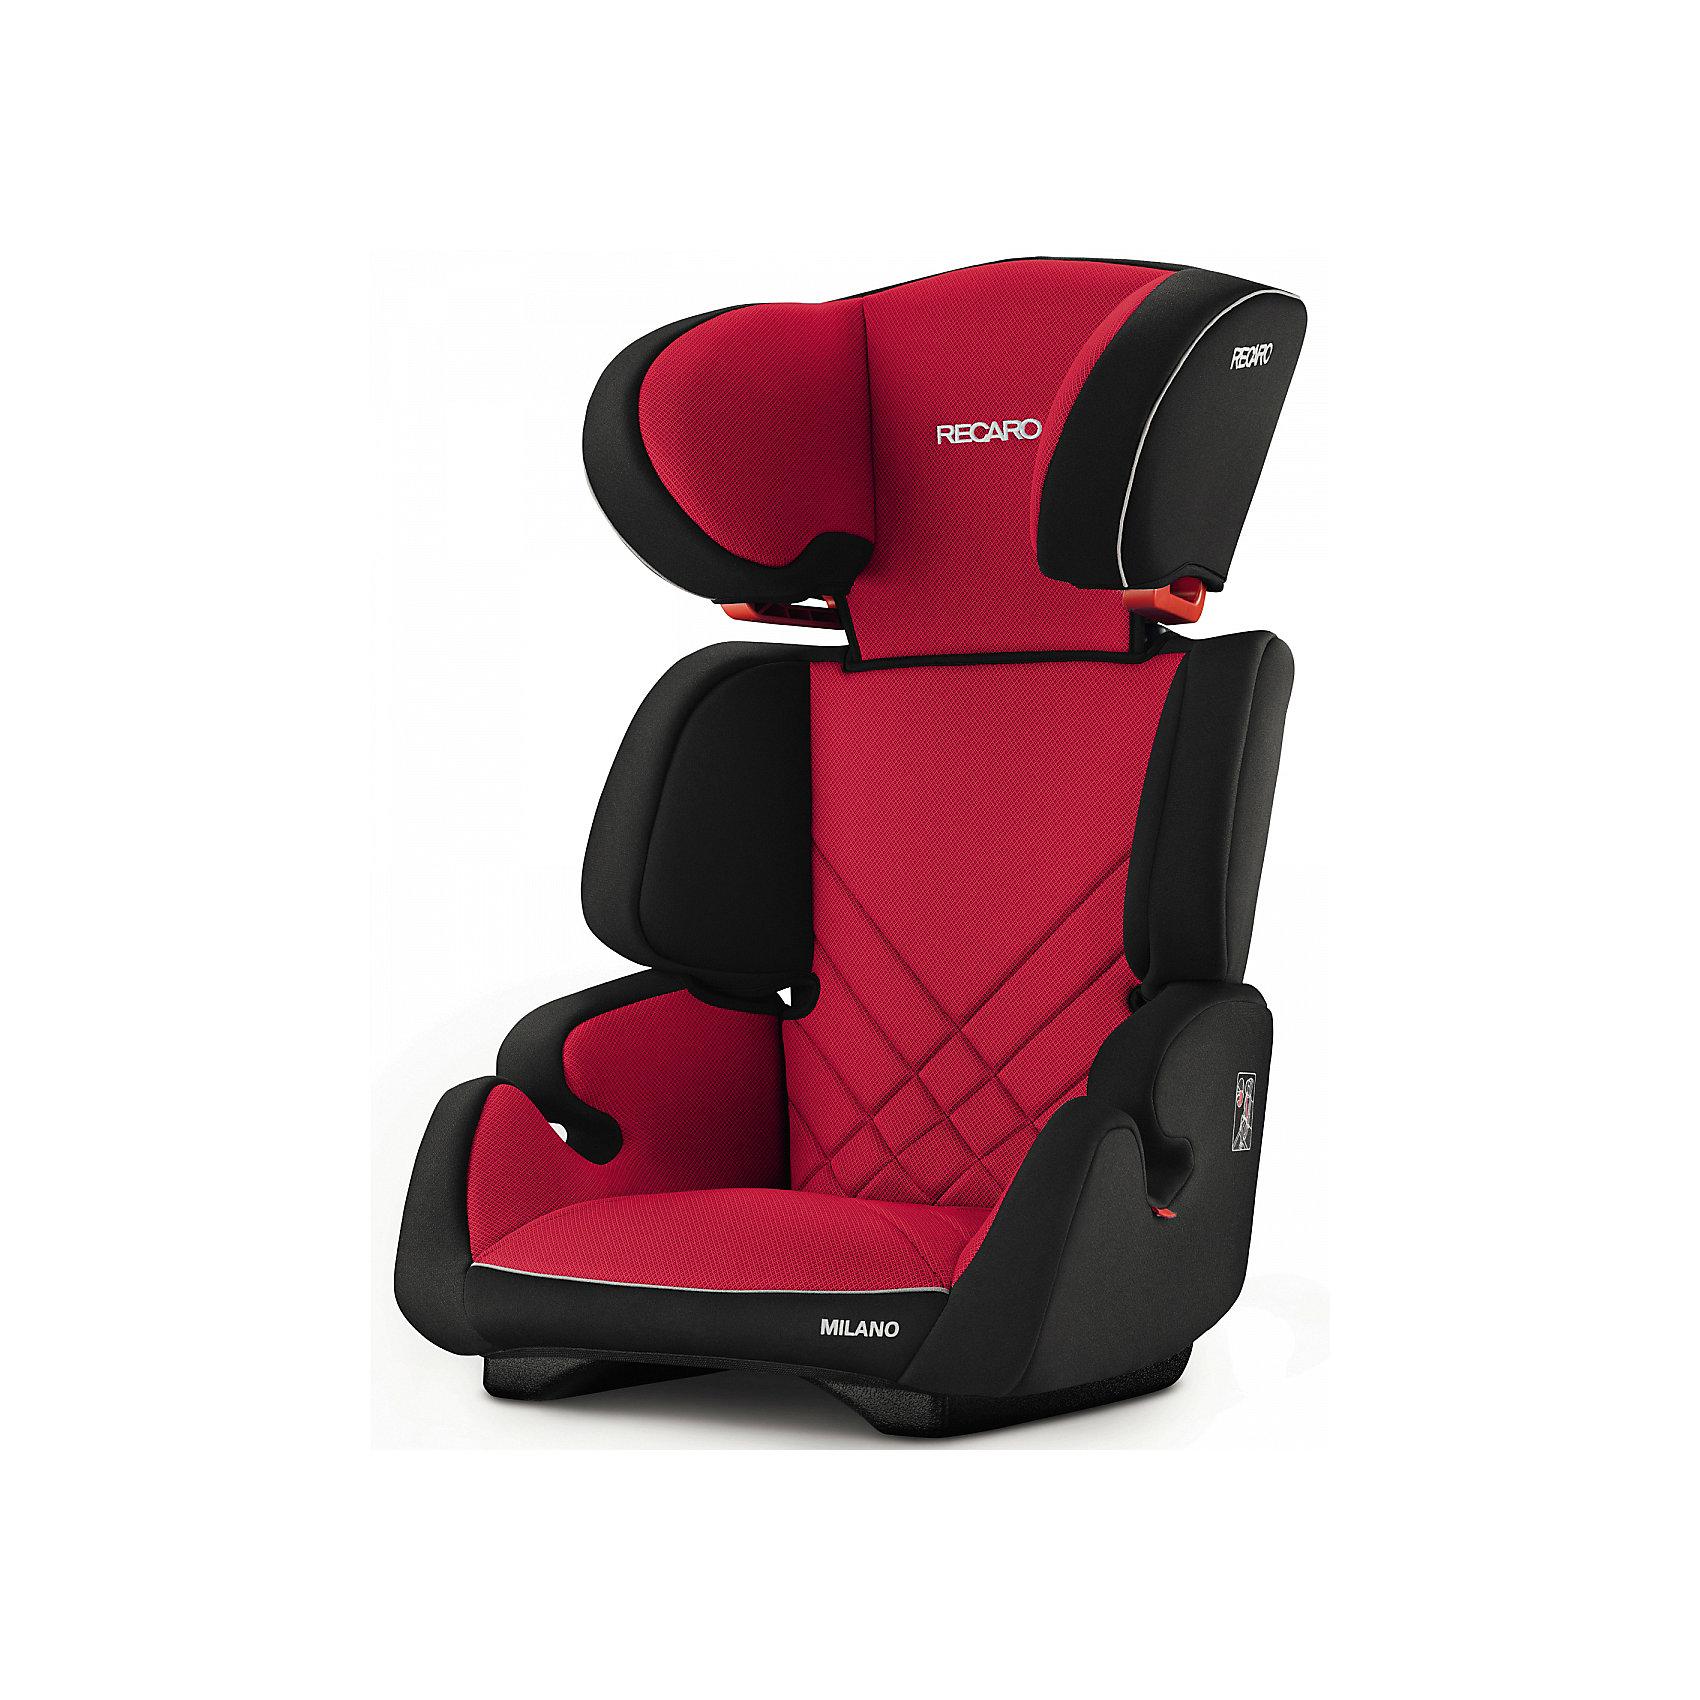 Автокресло Milano Seatfix 15-36 кг., Recaro, Racing RedХарактеристики:<br><br>• группа автокресла: 2/3;<br>• вес ребенка: 15-36 кг;<br>• возраст ребенка: от 3 до 12 лет;<br>• рост ребенка: от 95 до 150 см;<br>• способ крепления: встроенная система IsoFix;<br>• способ установки: лицом по ходу движения автомобиля;<br>• регулируется высота подголовника: 6 положений;<br>• циркуляция воздуха внутри автокресла;<br>• наличие подлокотников;<br>• усиленная боковая защита;<br>• материал: пластик, полиэстер.<br><br>Размеры:<br><br>• размер автокресла: 61х50х45 см;<br>• высота спинки автокресла: 55/67 см;<br>• ширина сиденья: 29 см;<br>• глубина сиденья: 29 см;<br>• ширина подголовника: 20 см;<br>• вес: 6 кг.<br><br>Автокресло Milano Seatfix - продуманный вариант для подросших любителей путешествовать в автомобиле. Автокресло устанавливается на заднем сидении автомобиля с любой стороны. Встроенная система Изофикс позволяет легко и прочно устанавливать автокресло в салоне автомобиля. Регулирование высоты подголовника дает возможность настроить удобное положение в зависимости от того, как ребенок растет. Съемные чехлы можно стирать при температуре 30 градусов без отжима. <br><br>Автокресло Milano Seatfix 15-36 кг., Recaro, Racing Red можно купить в нашем интернет-магазине.<br><br>Ширина мм: 610<br>Глубина мм: 500<br>Высота мм: 450<br>Вес г: 6000<br>Возраст от месяцев: 36<br>Возраст до месяцев: 144<br>Пол: Унисекс<br>Возраст: Детский<br>SKU: 5396745